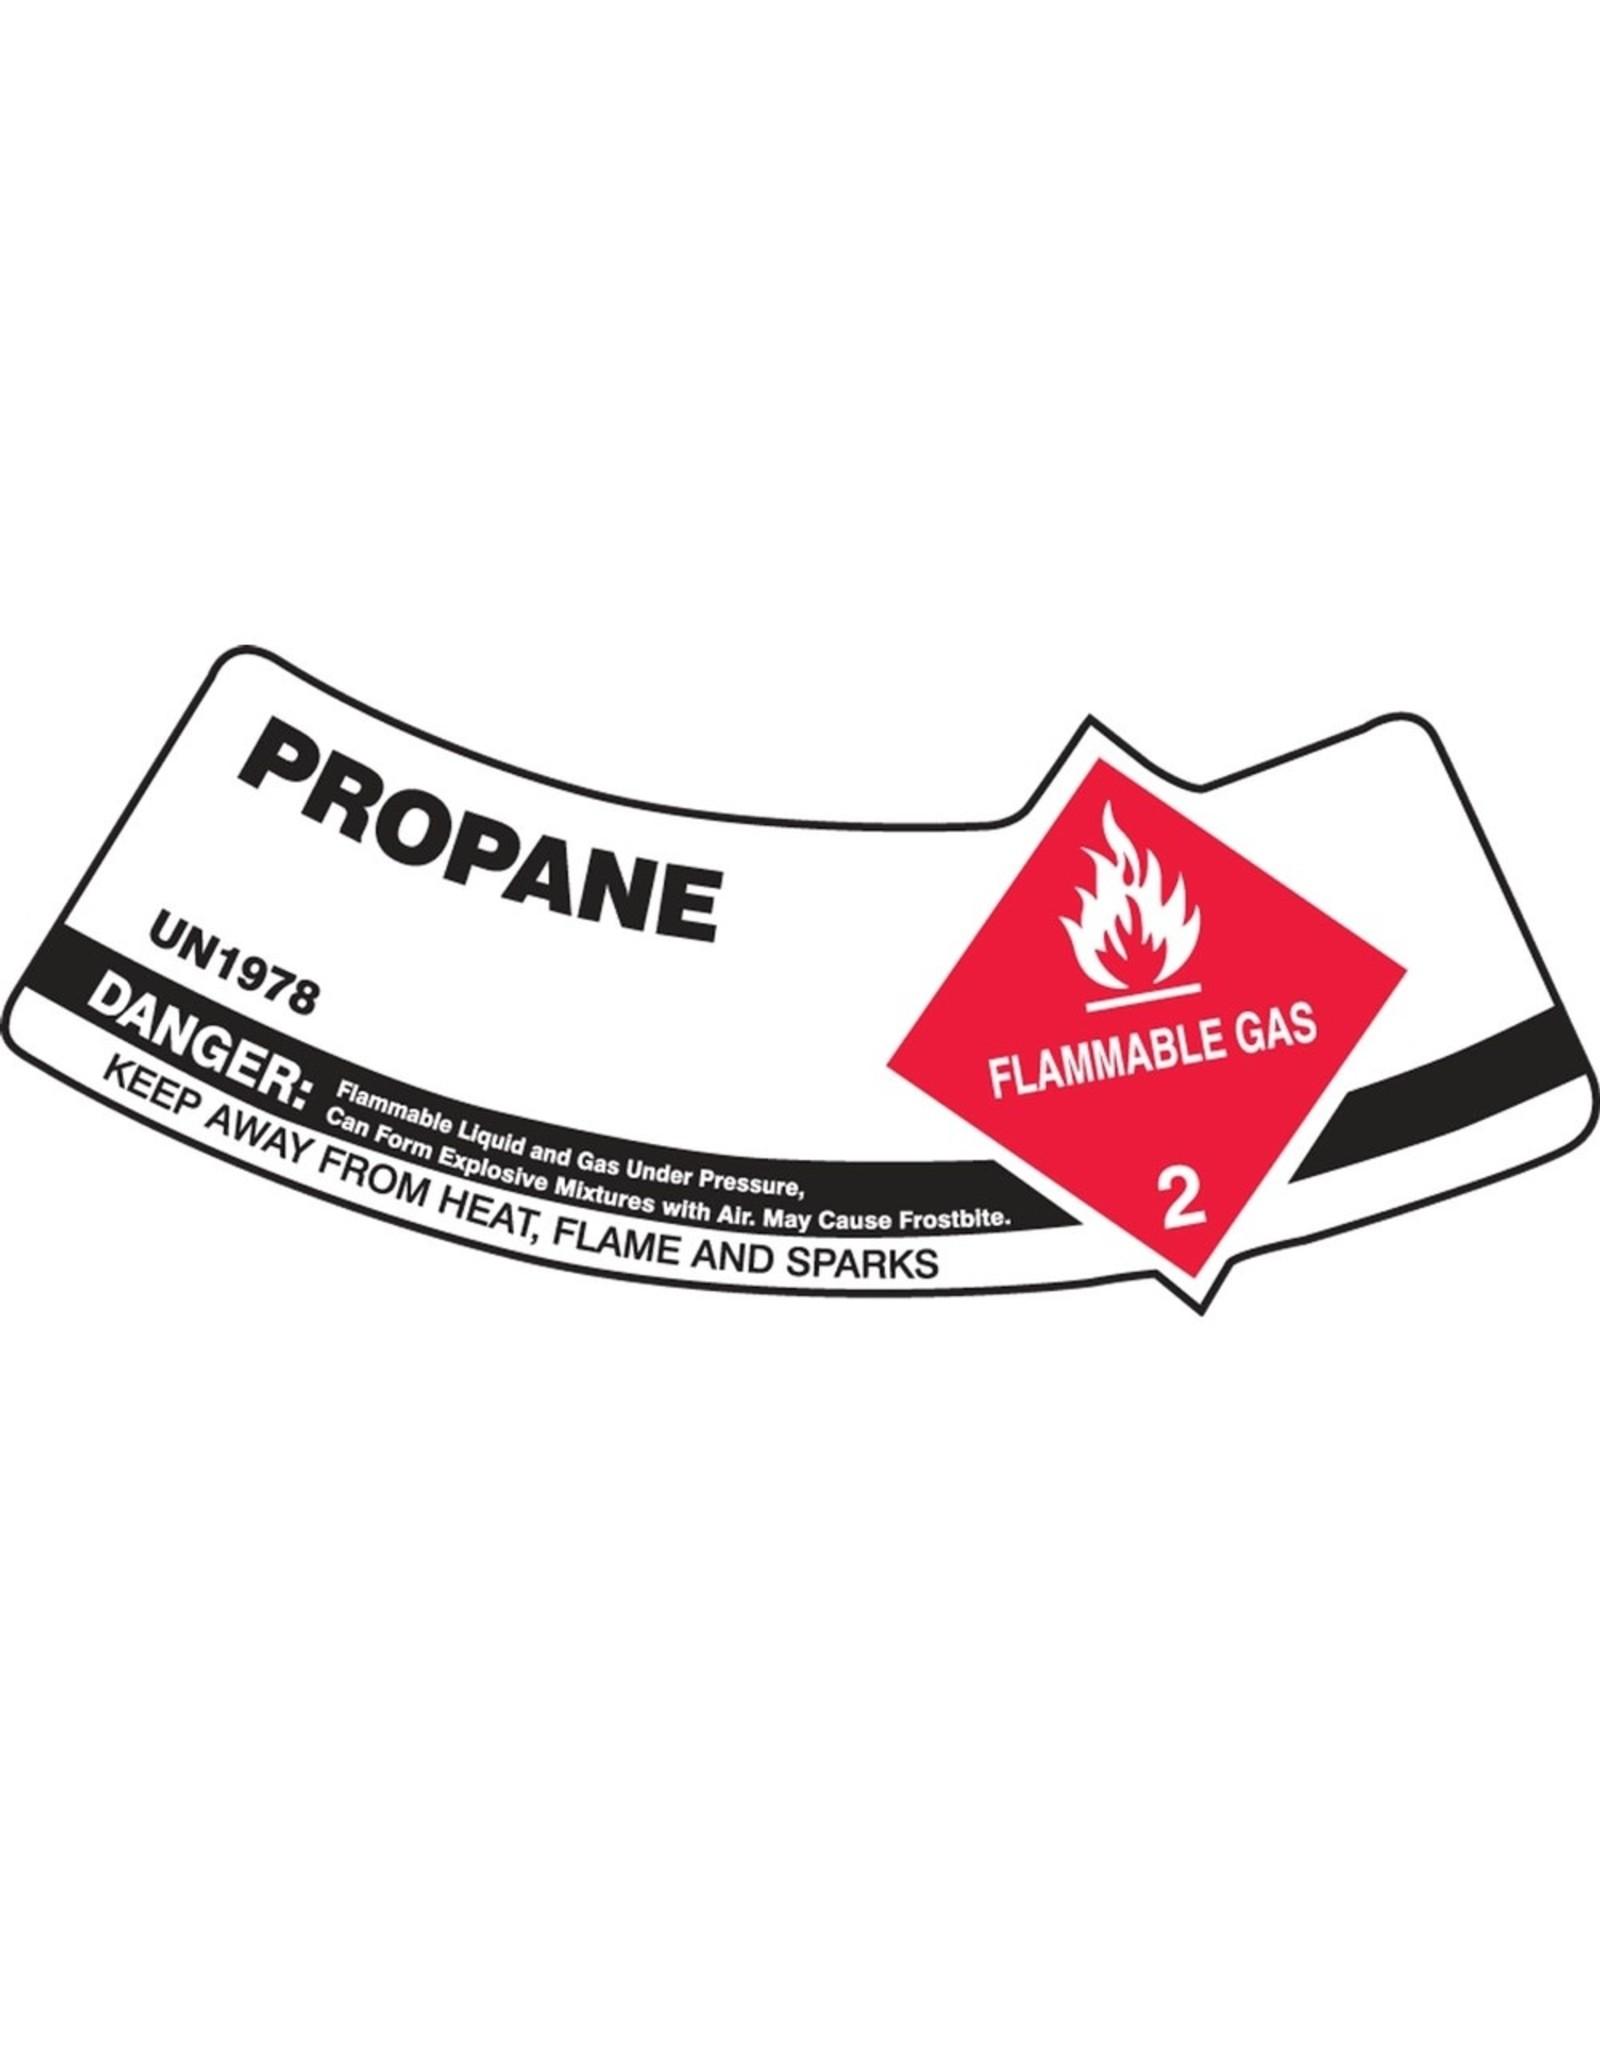 Propane Adhesive Vinyl Neck Label